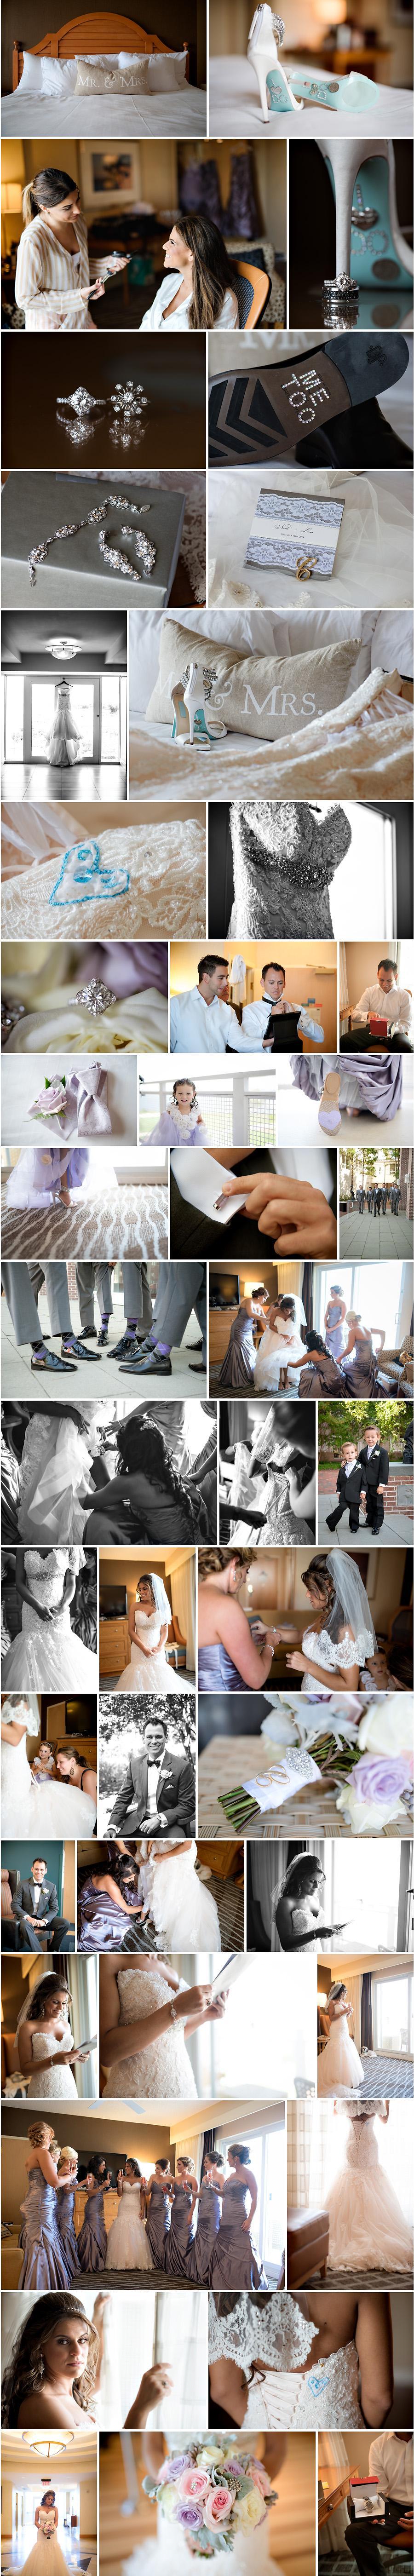 elegant hyatt chesapeake bay wedding